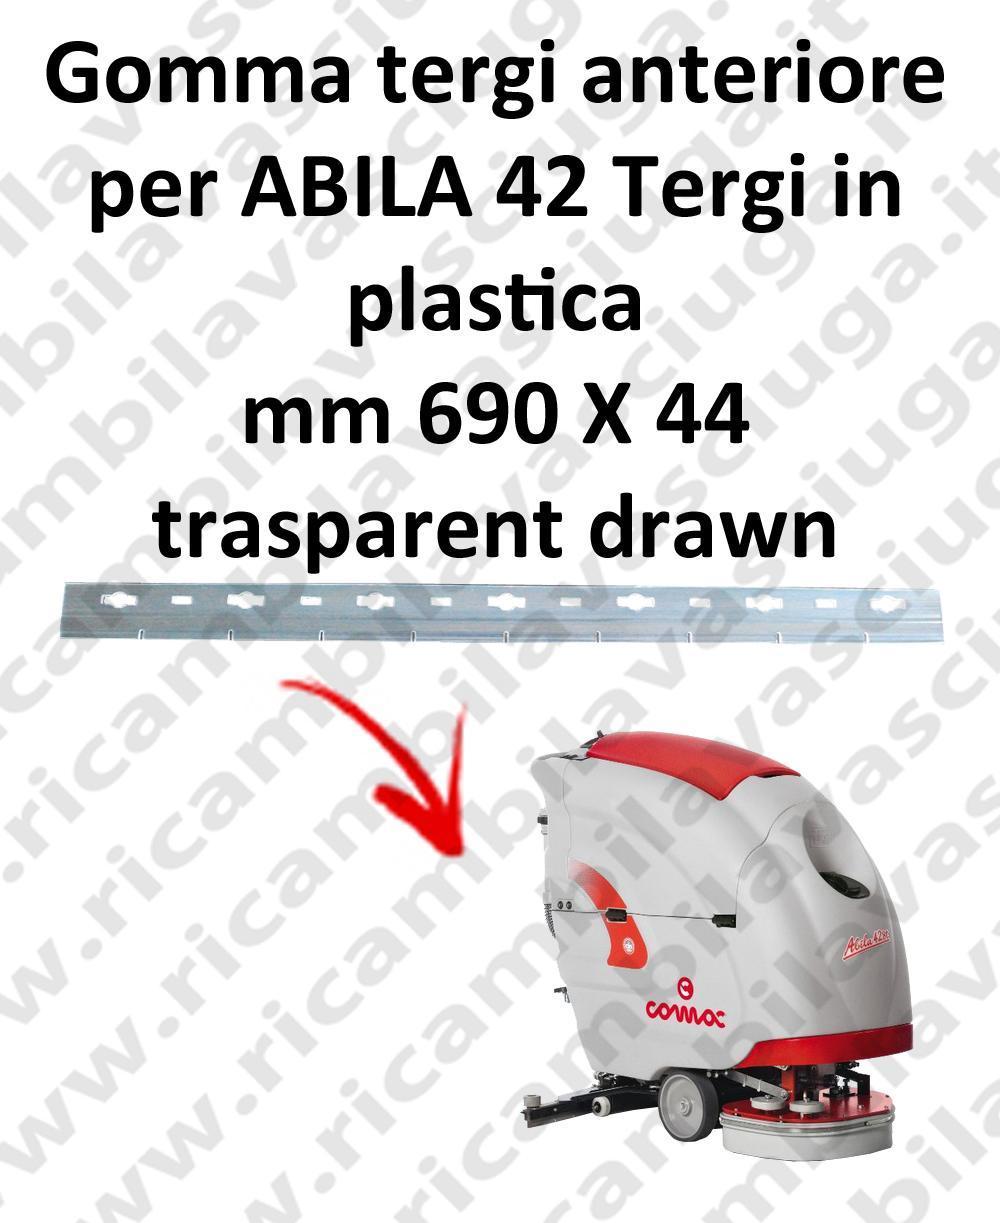 ABILA 42 goma de secado delantera para COMAC repuestos fregadoras squeegee